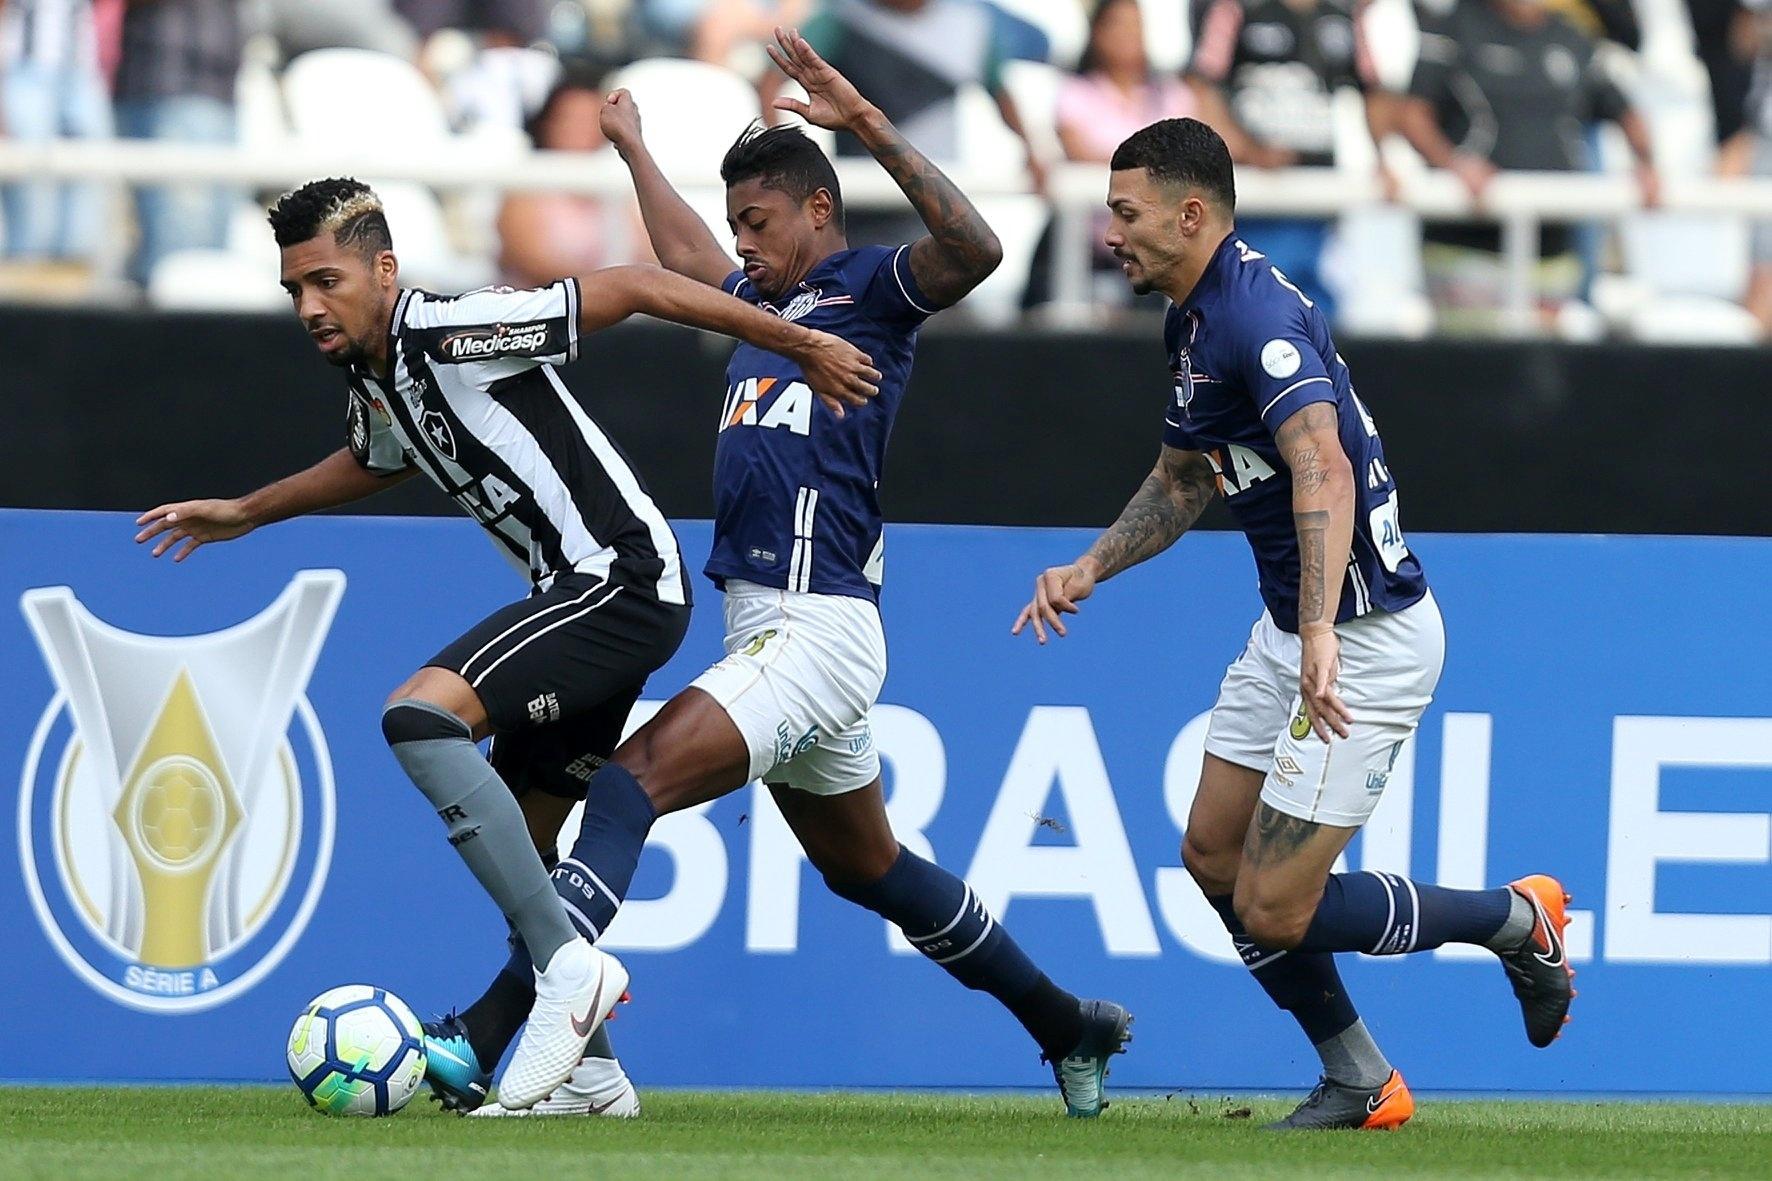 Botafogo e Santos se enfrentam no estádio Nílton Santos pelo Campeonato Brasileiro 2018